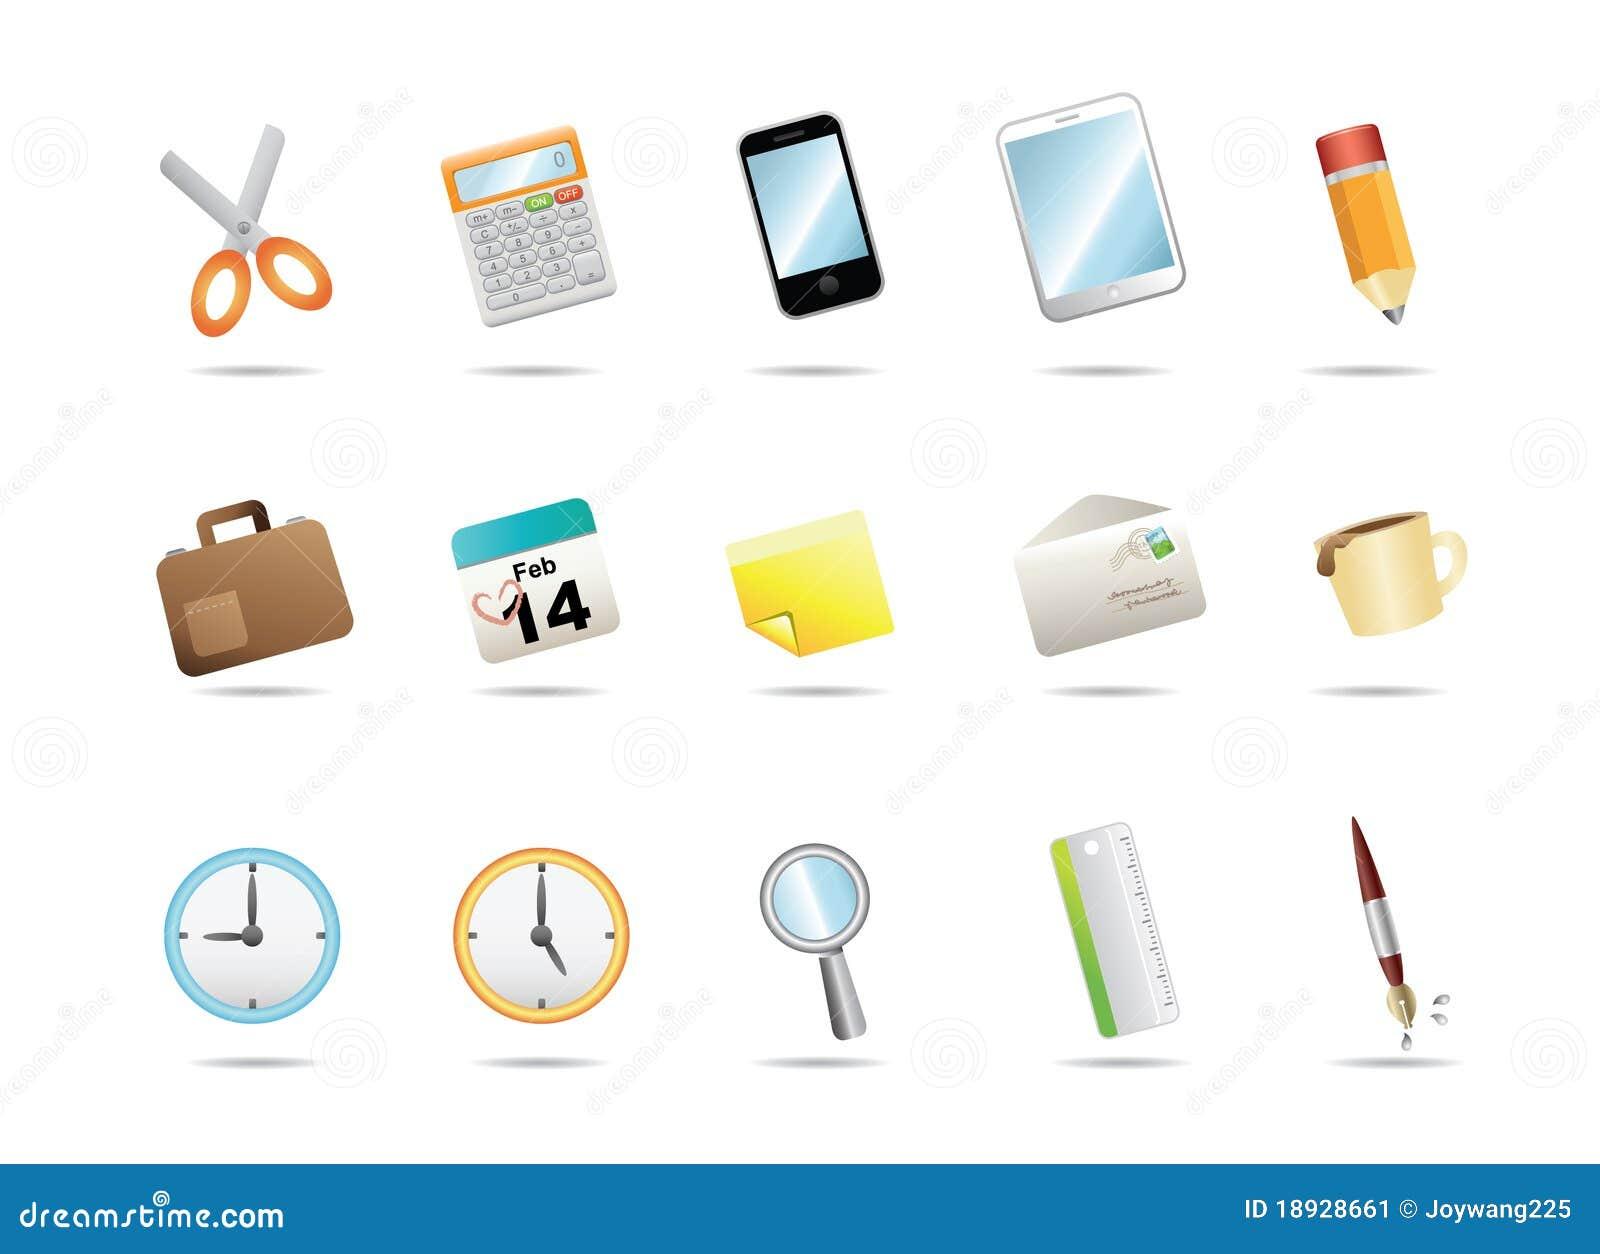 Iconos del papel de la oficina imagen de archivo imagen for Papel para oficina